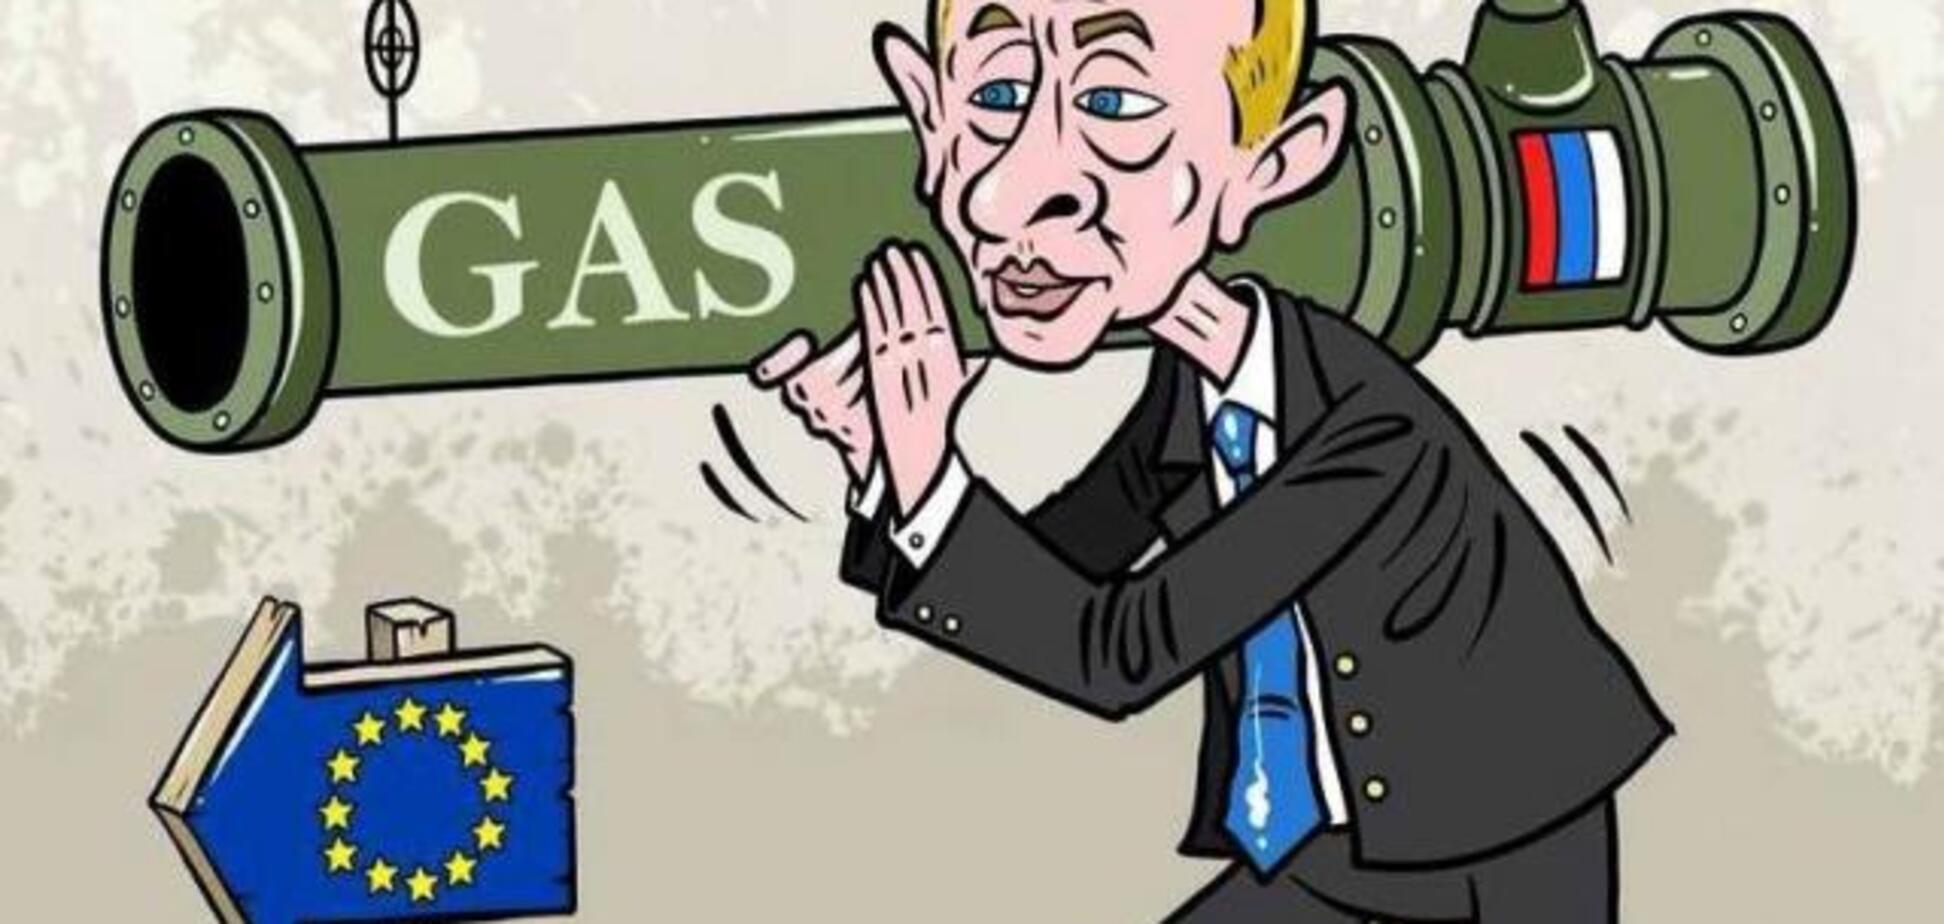 Росія кинула 'газовий виклик' Україні